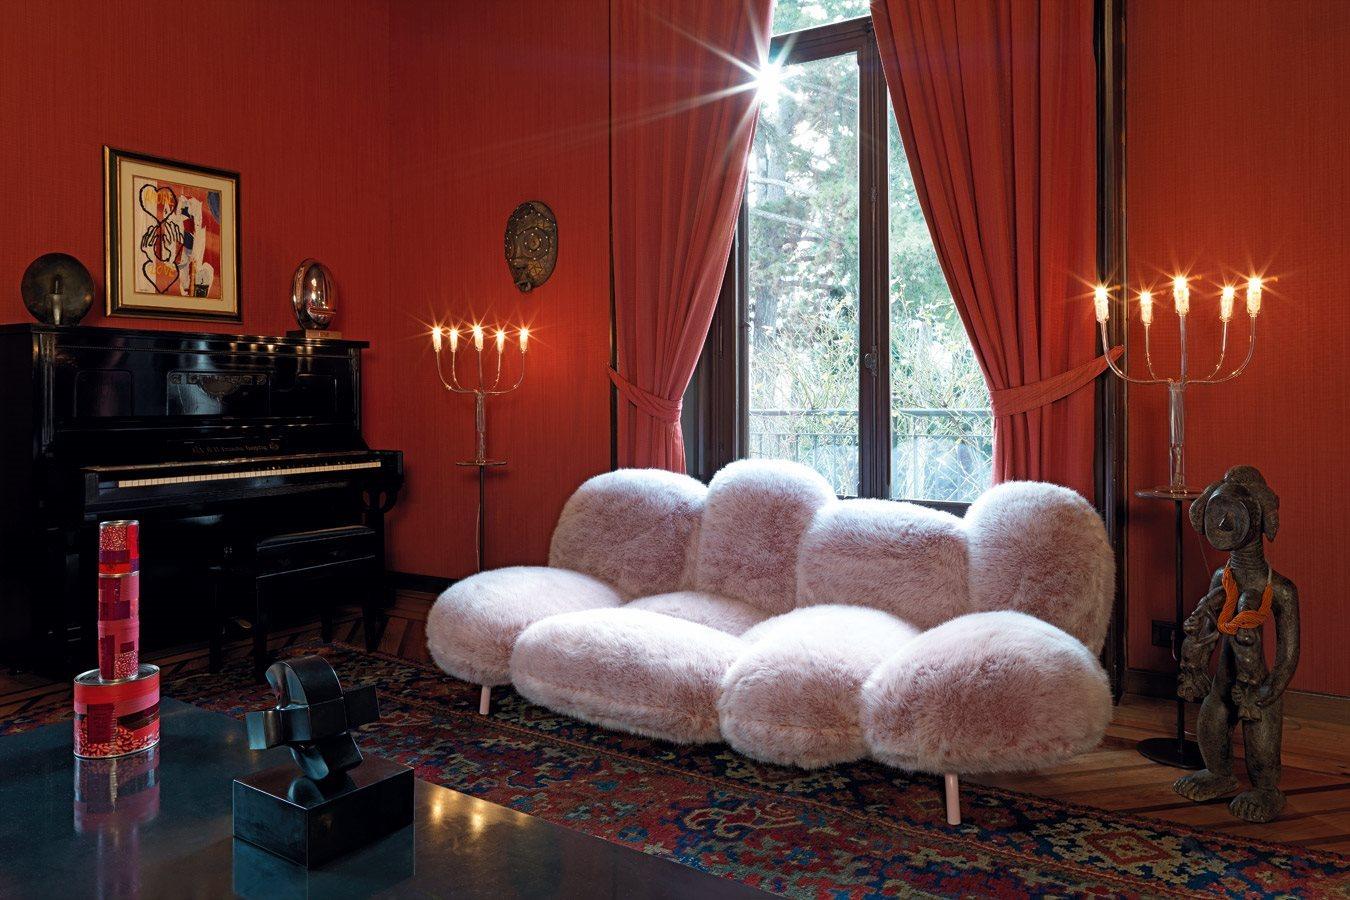 أريكة عصرية غريبة 3 الراحة والعصرية في تصميمات أرائك غريبة وغير تقليدية